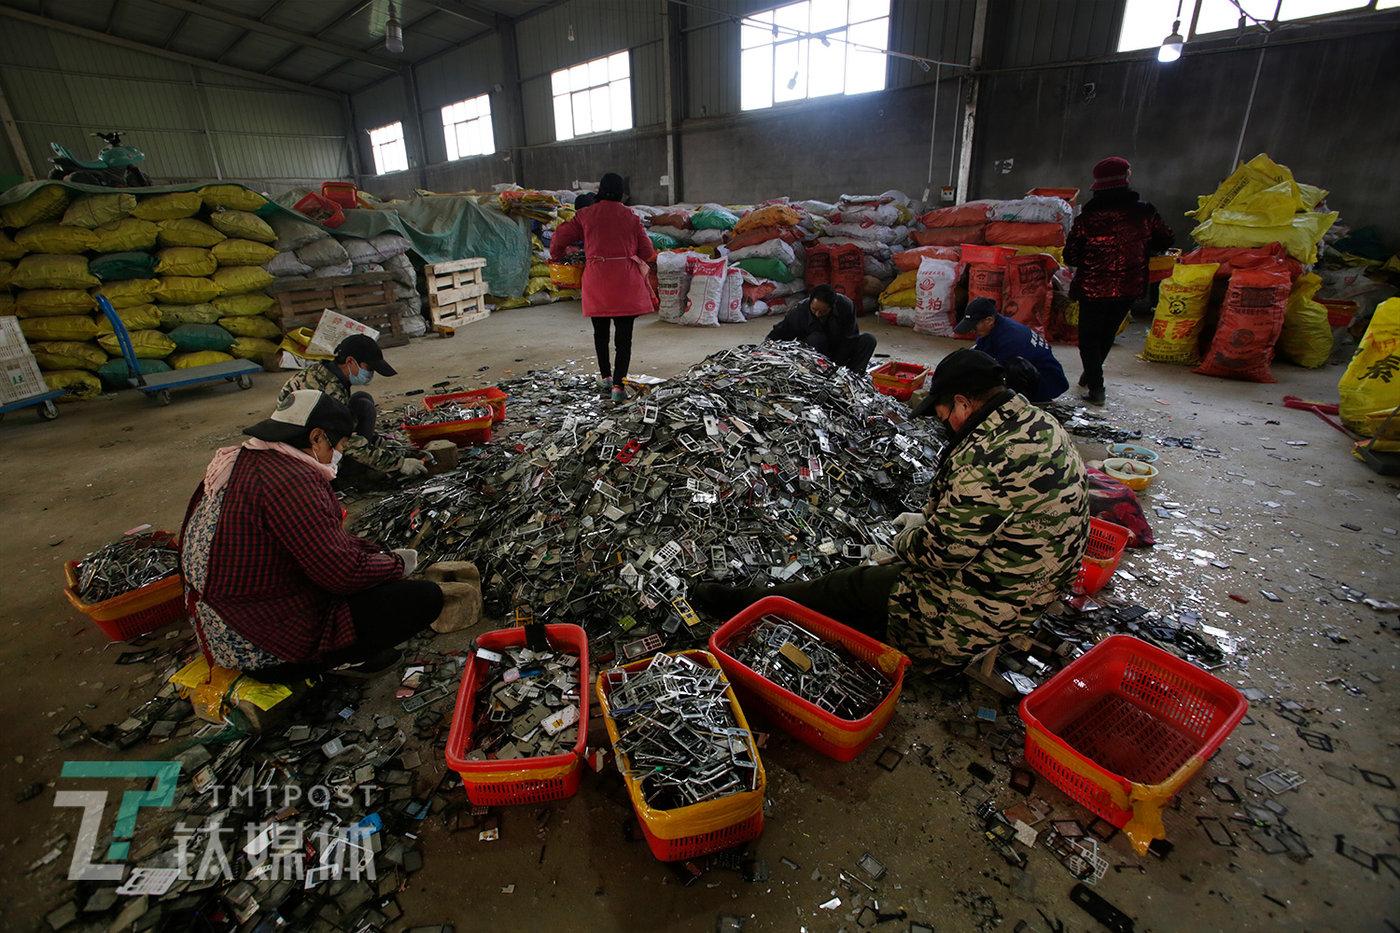 手机拆解厂内,工人在处理一批手机壳,这些手机壳将用于提炼金属锌。